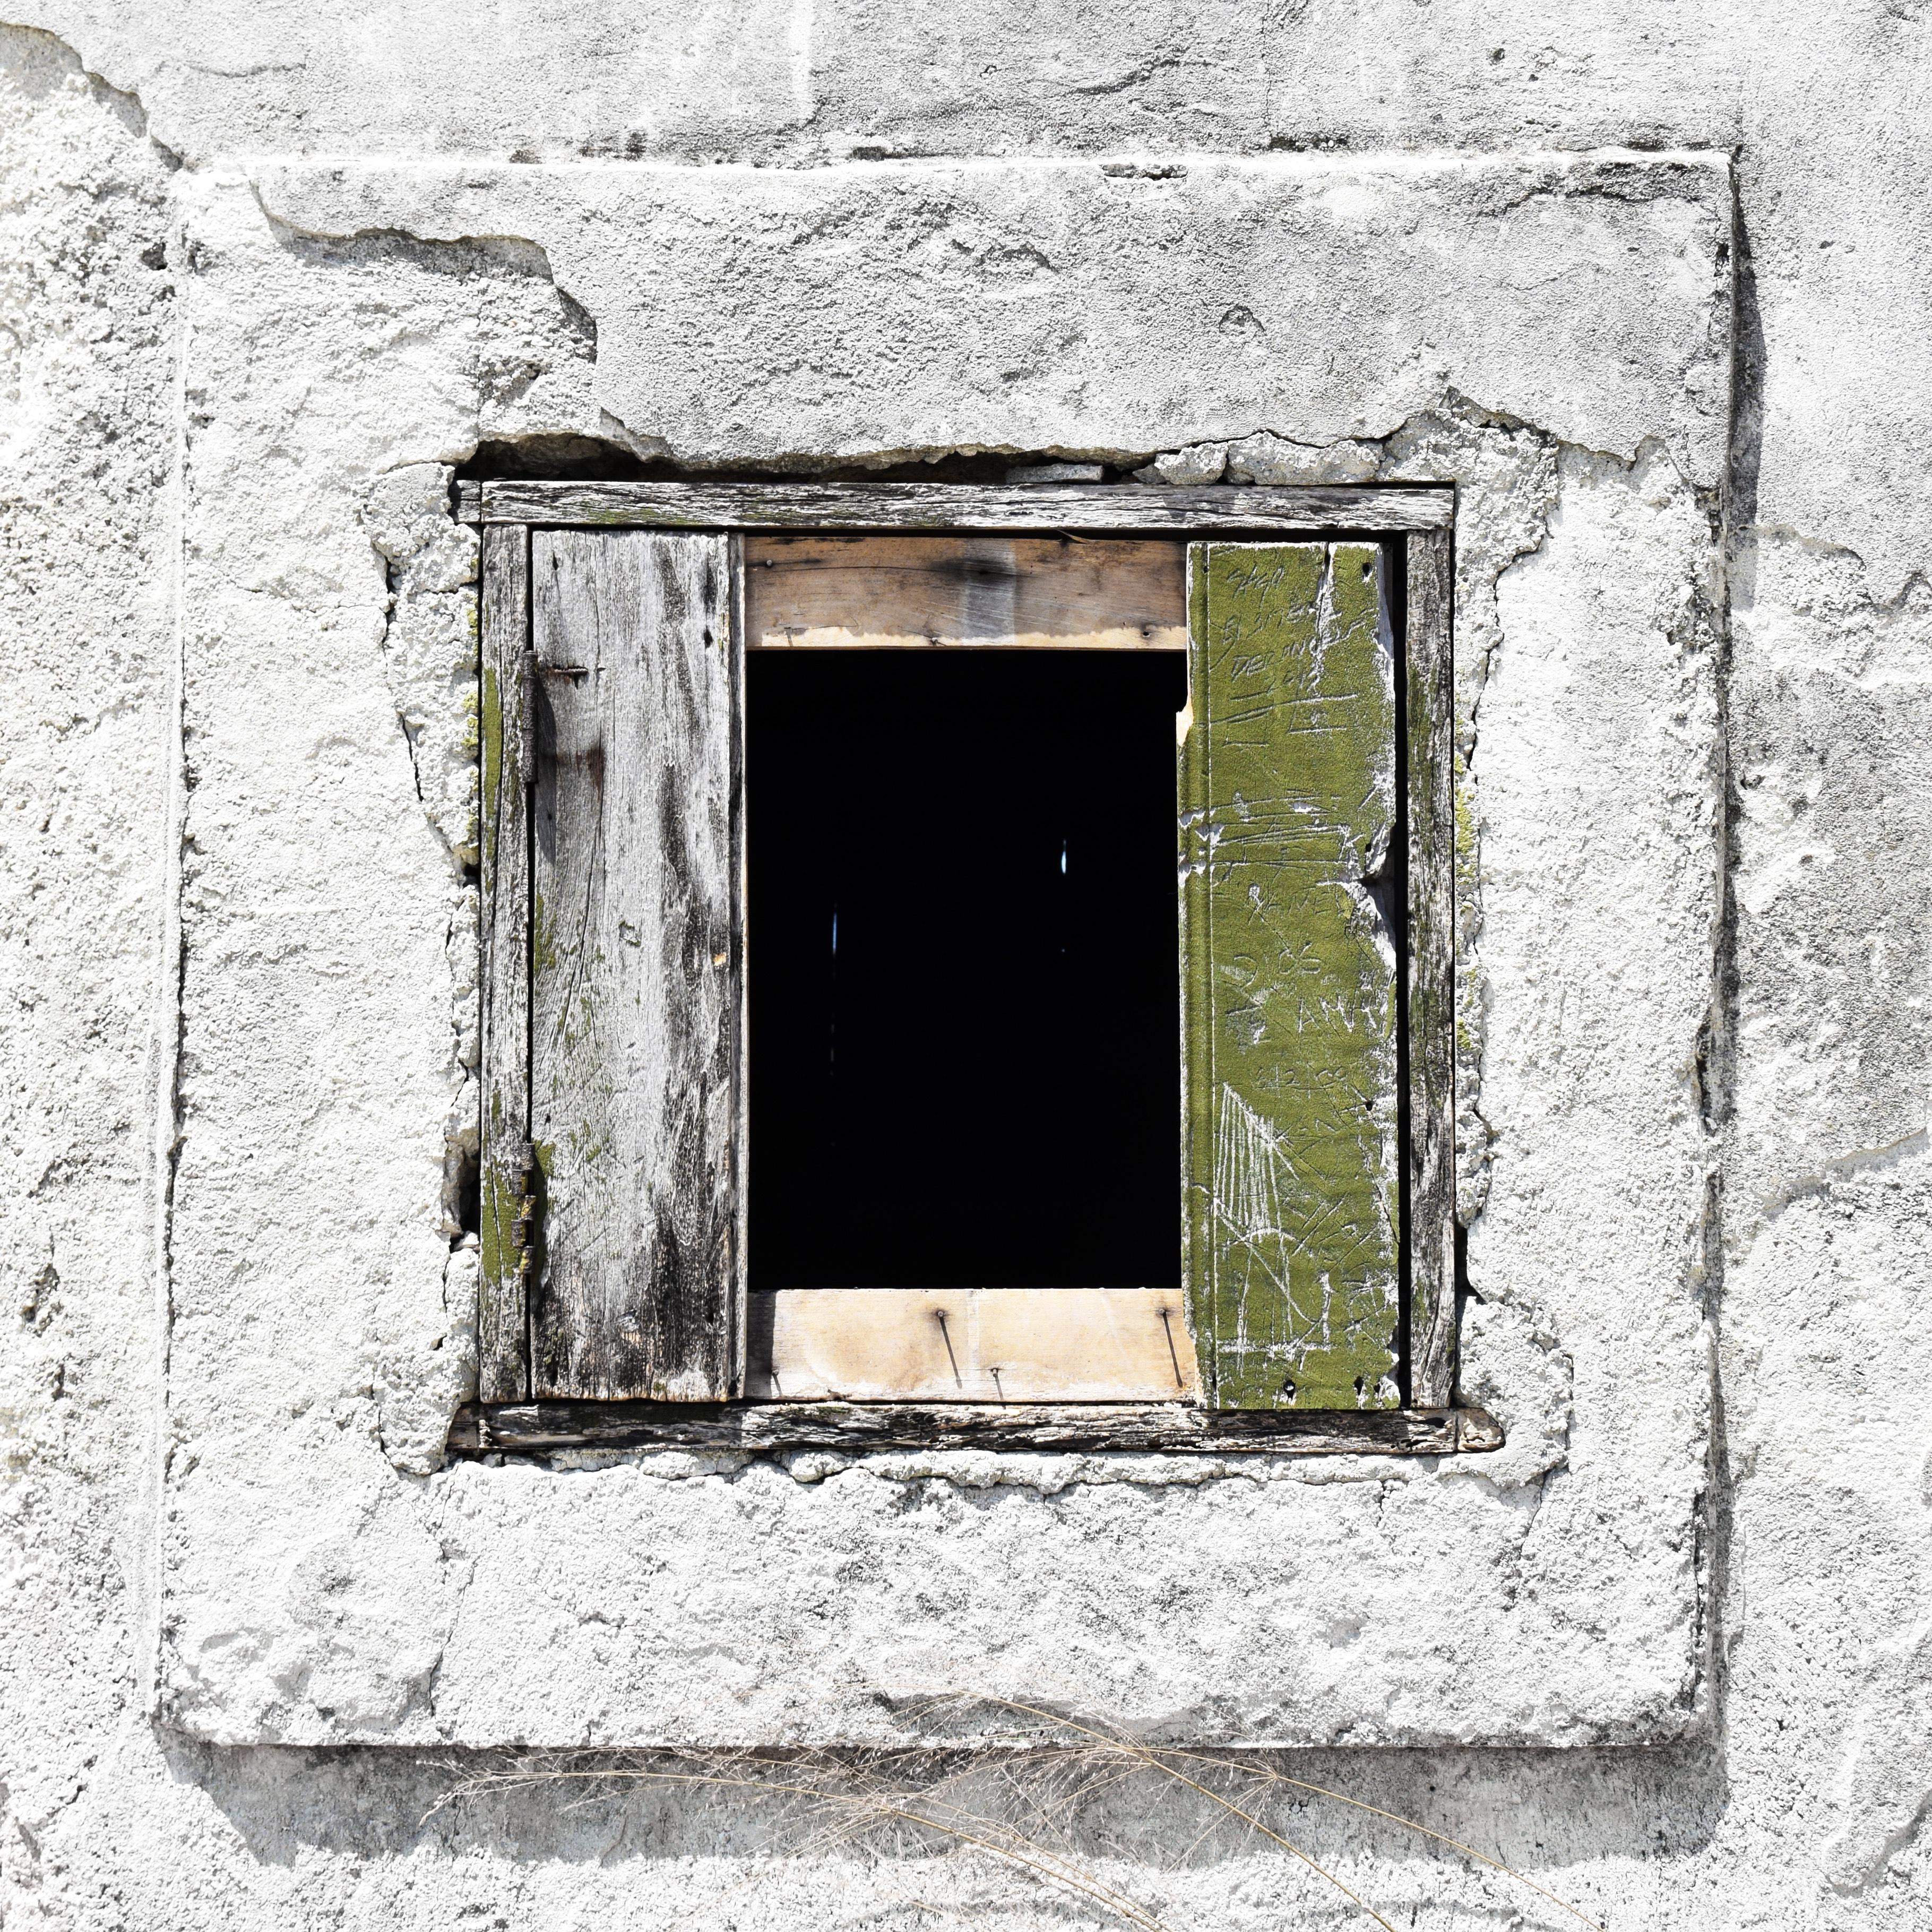 Kostenlose foto : Weiß, Haus, Fenster, Zuhause, Mauer, Hütte ...